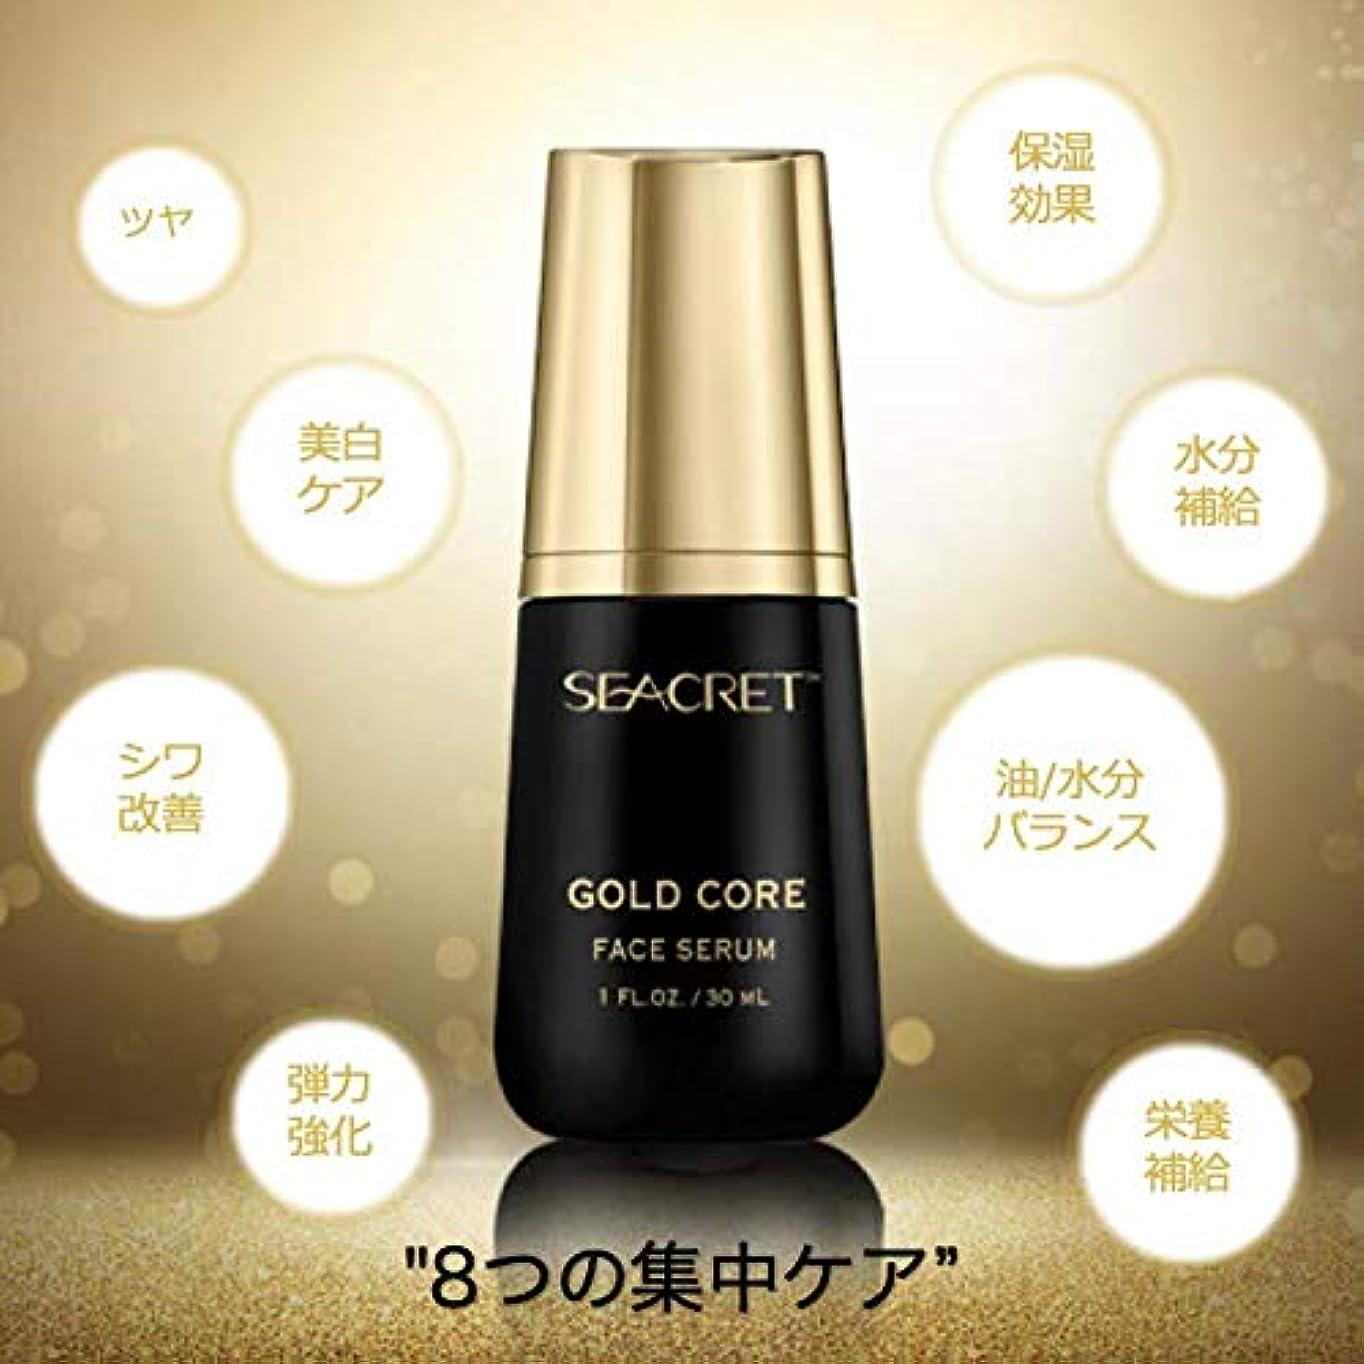 解任穏やかな選ぶSEACRET(シークレット) 24K金 タイムレスフェイスセーラム GOLD CORE TIMELESS FACE SERUM 30ML